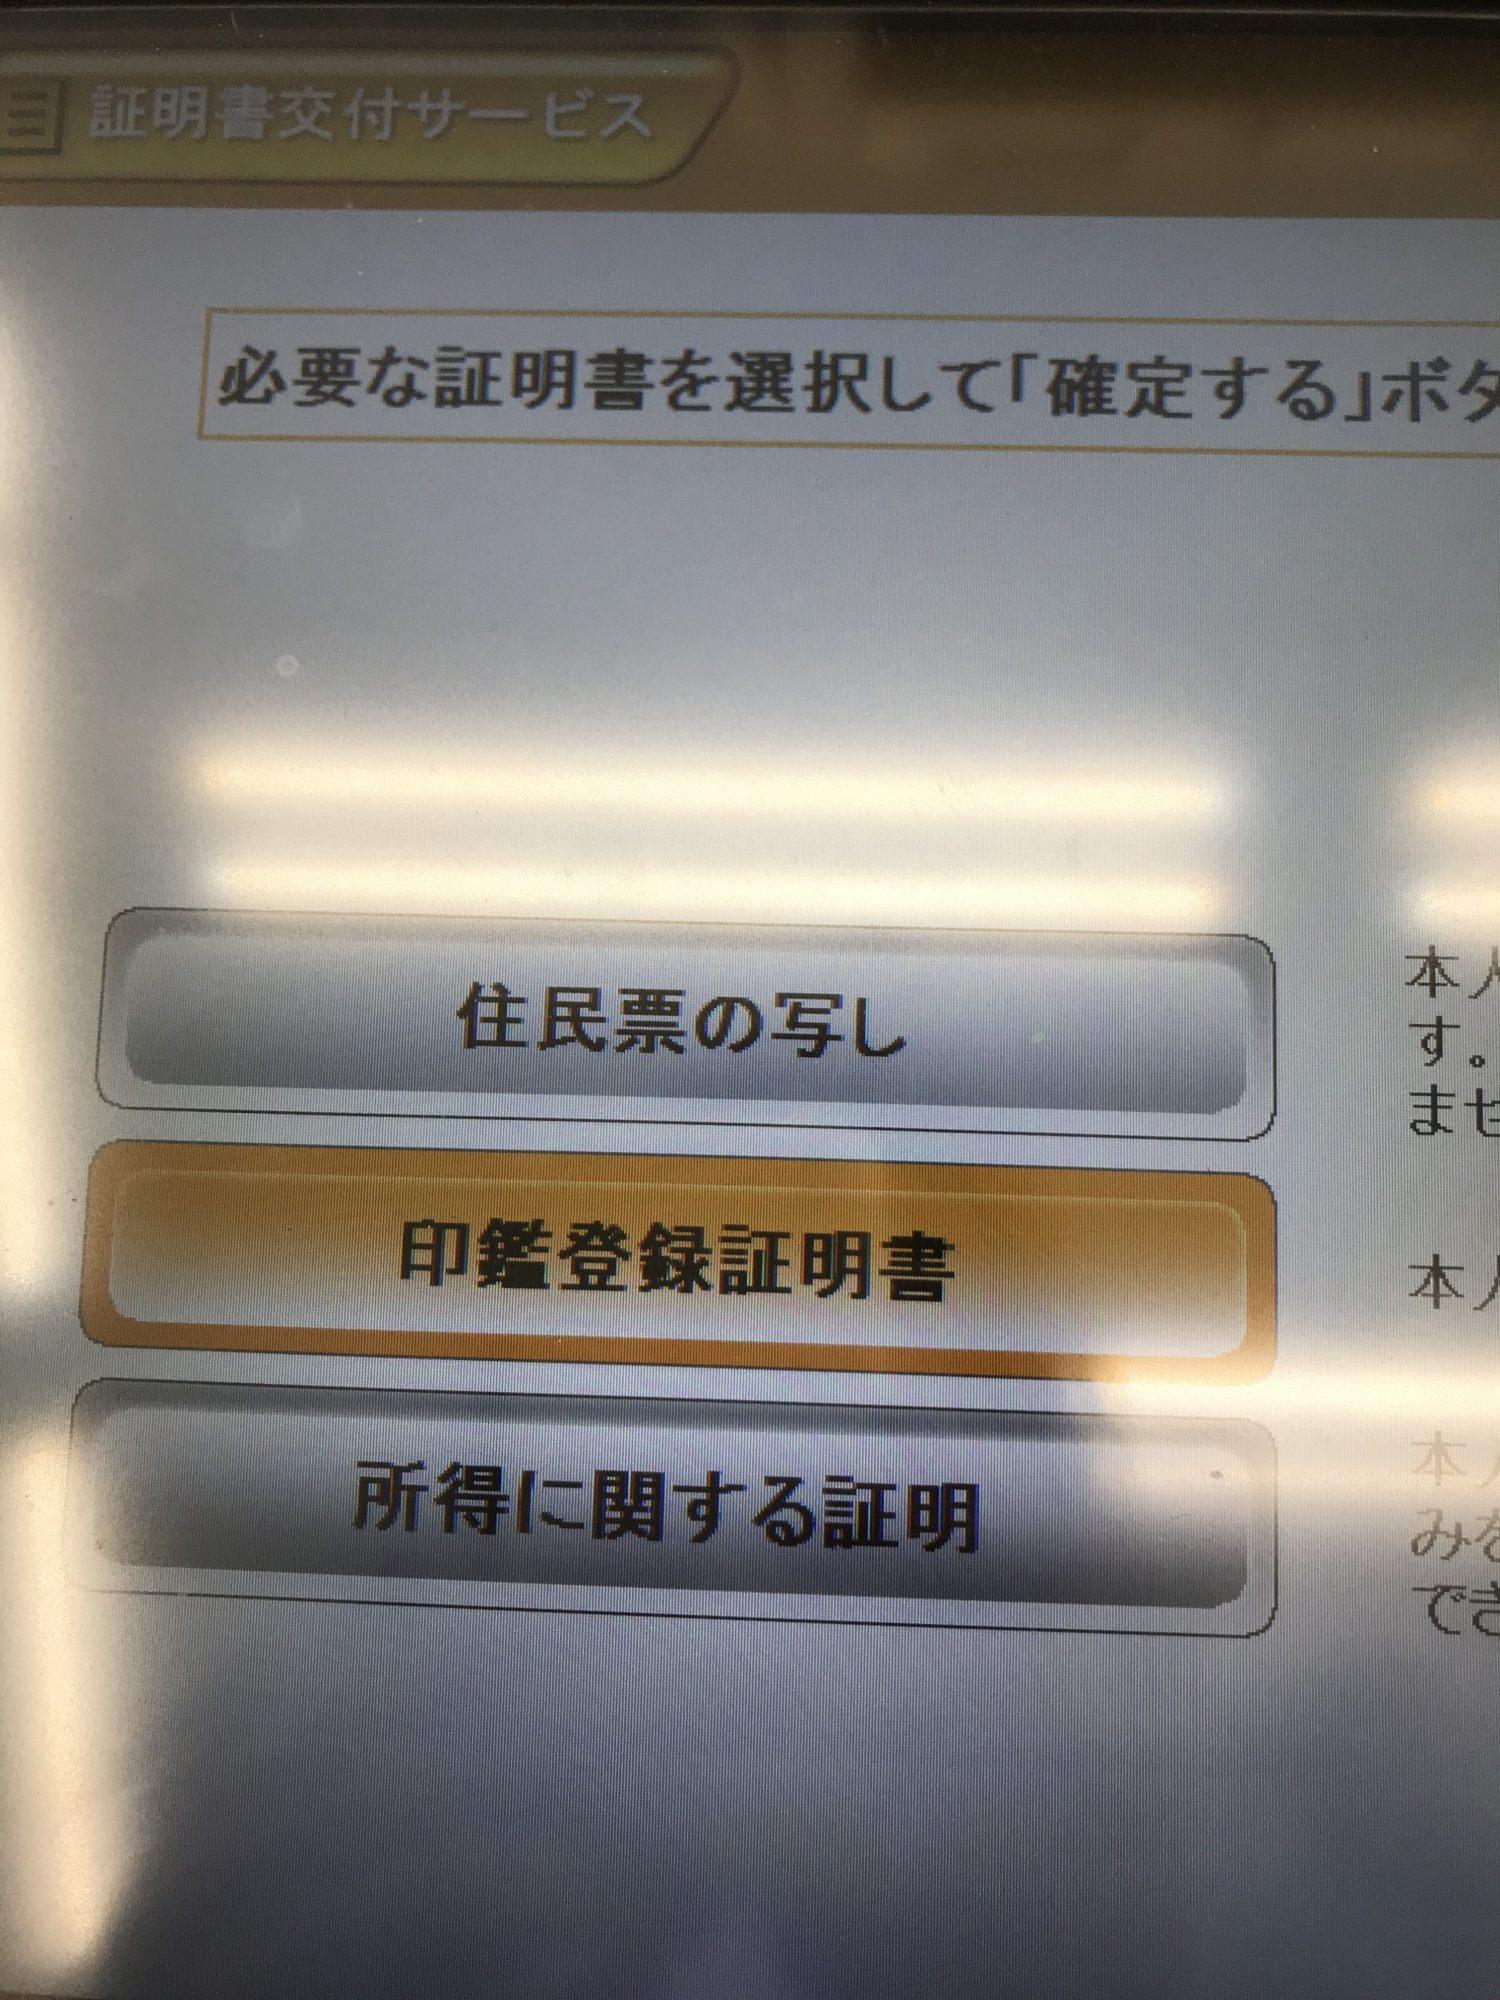 マイナンバーカードで印鑑登録証明書が取れた